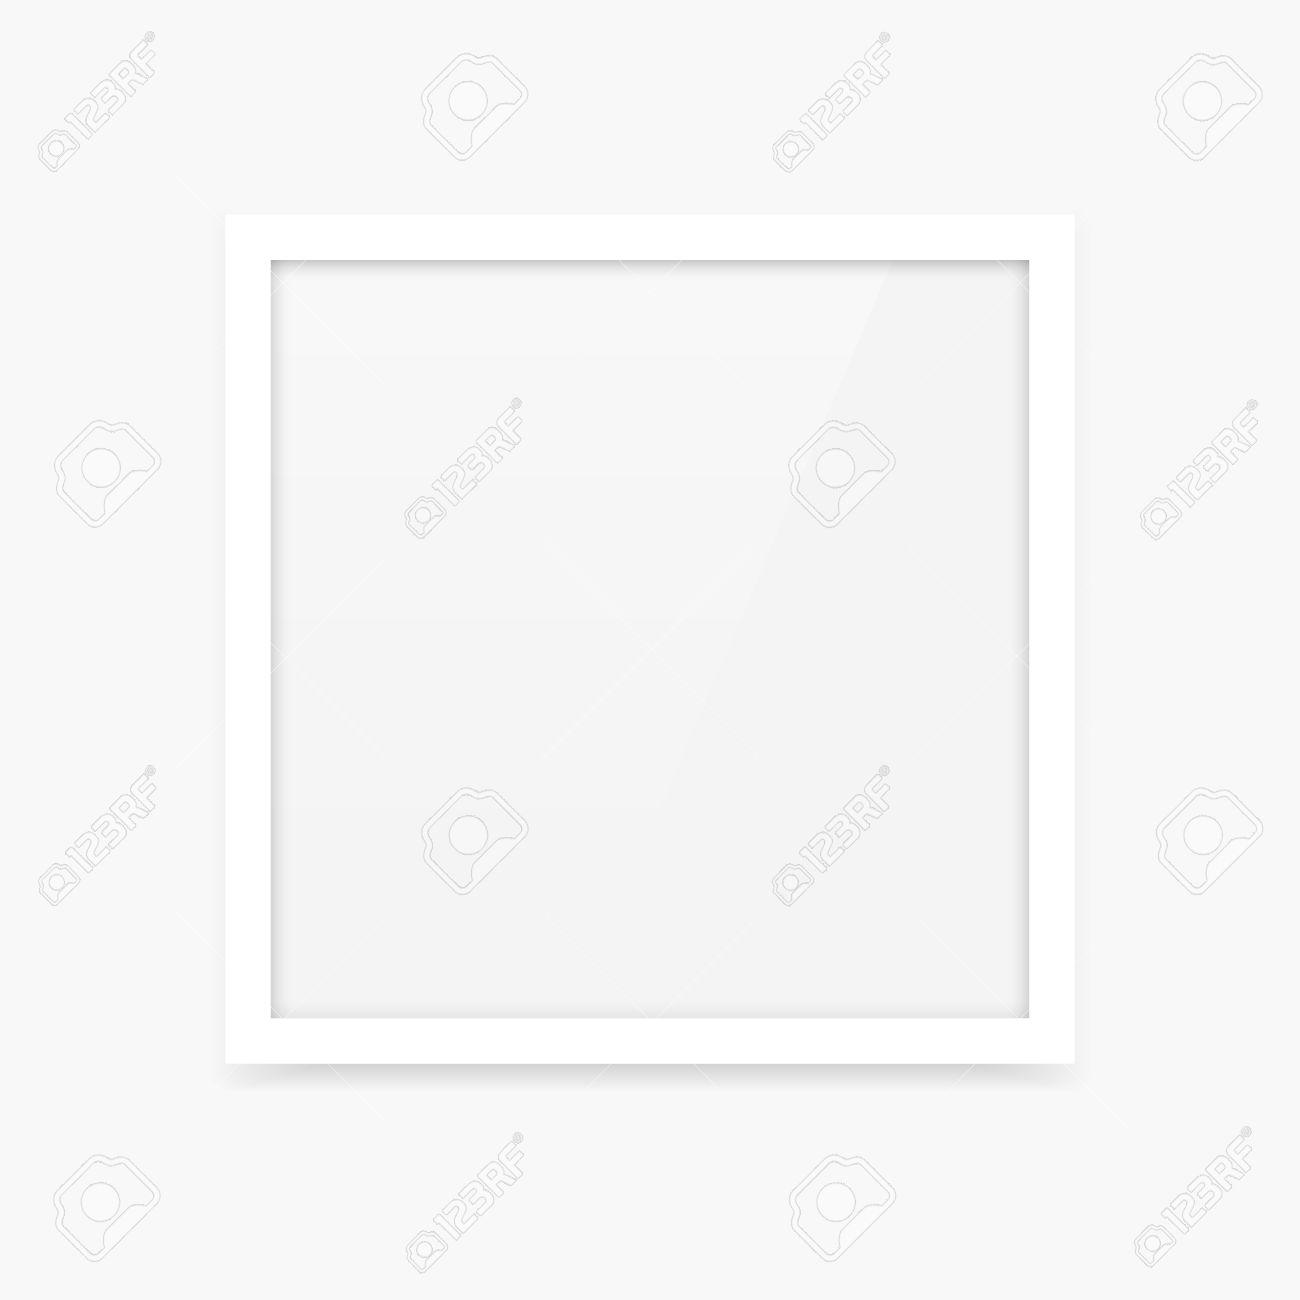 Limpio Y Sencillo Marco De Fotos Cuadrado Blanco En Blanco Vector ...